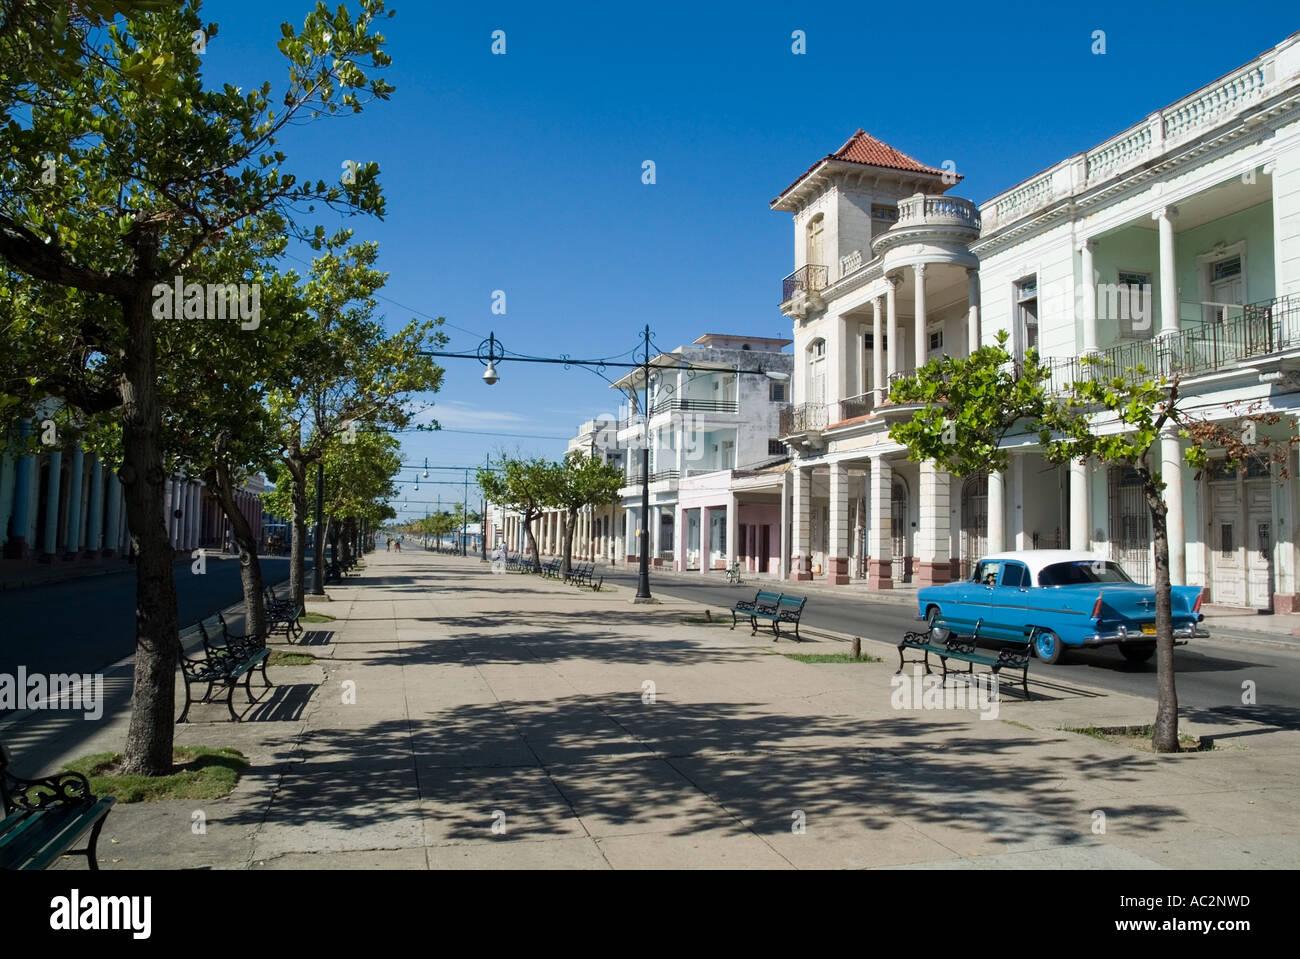 Alten kolonialen Gebäuden und einen amerikanischen Oldtimer auf der Prado Avenue in Cienfuegos, Kuba. Stockbild